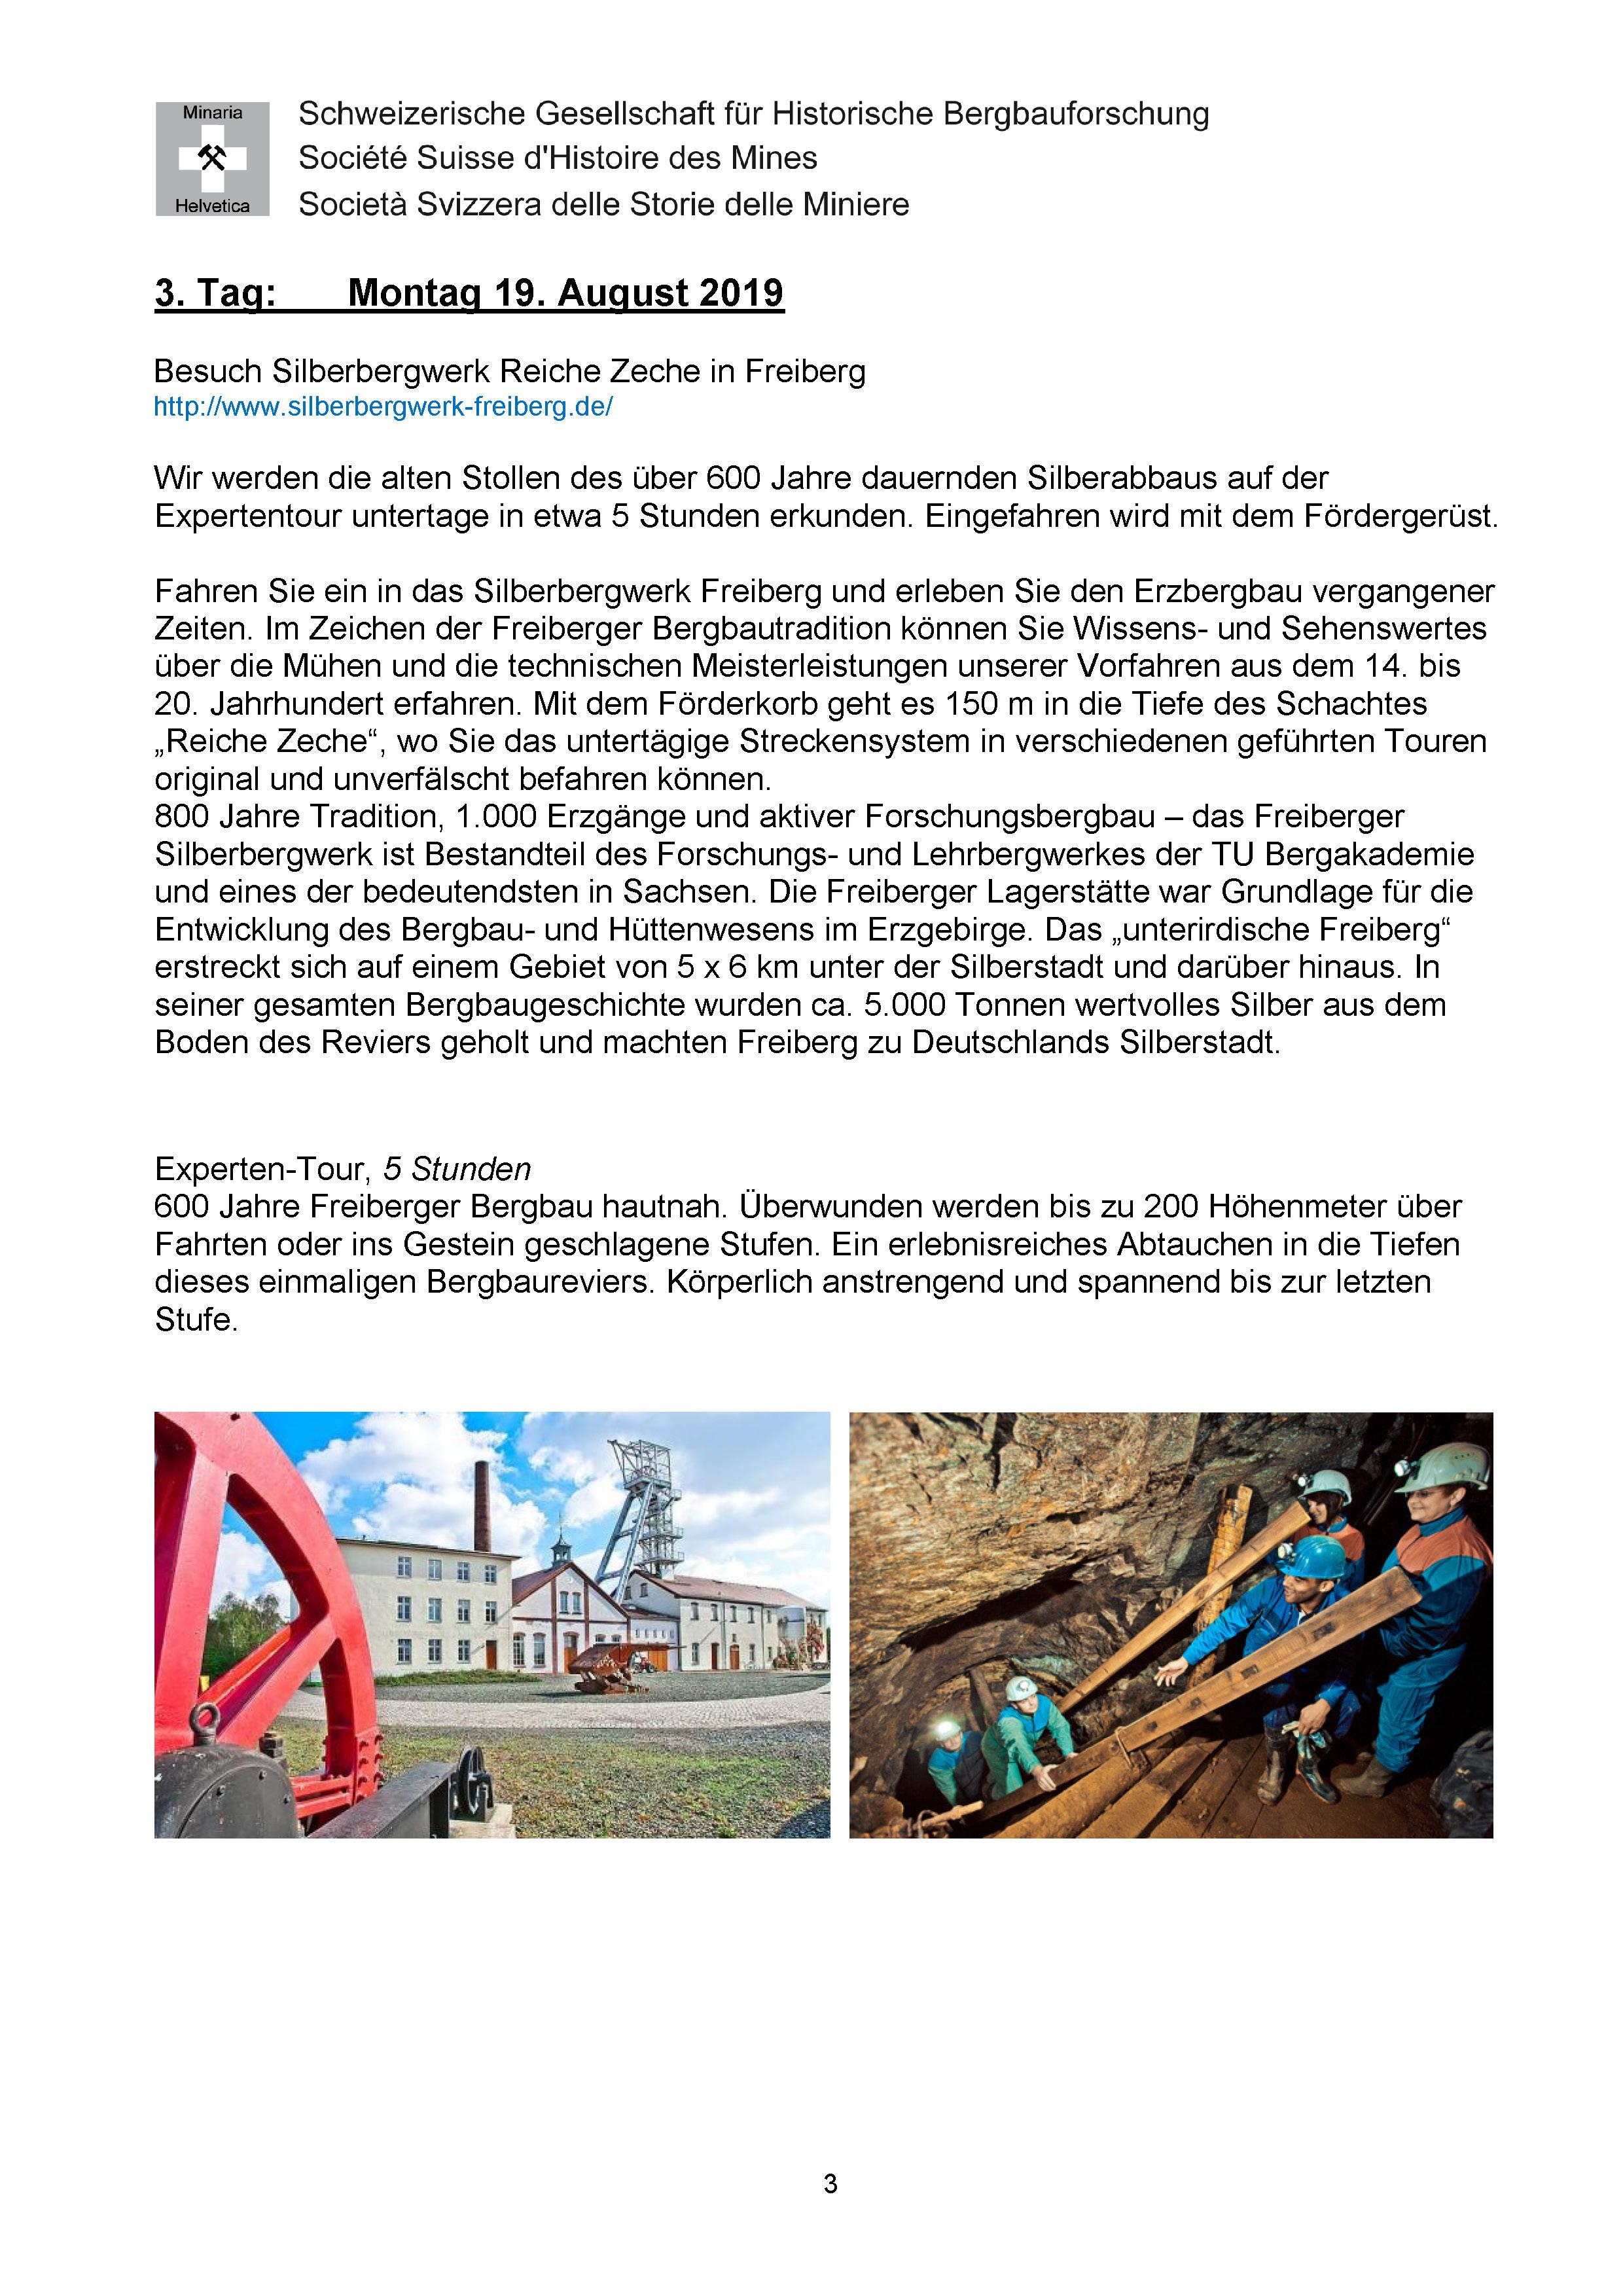 Reiseprogramm_SGHB_Sommerreise2019_Seite_3